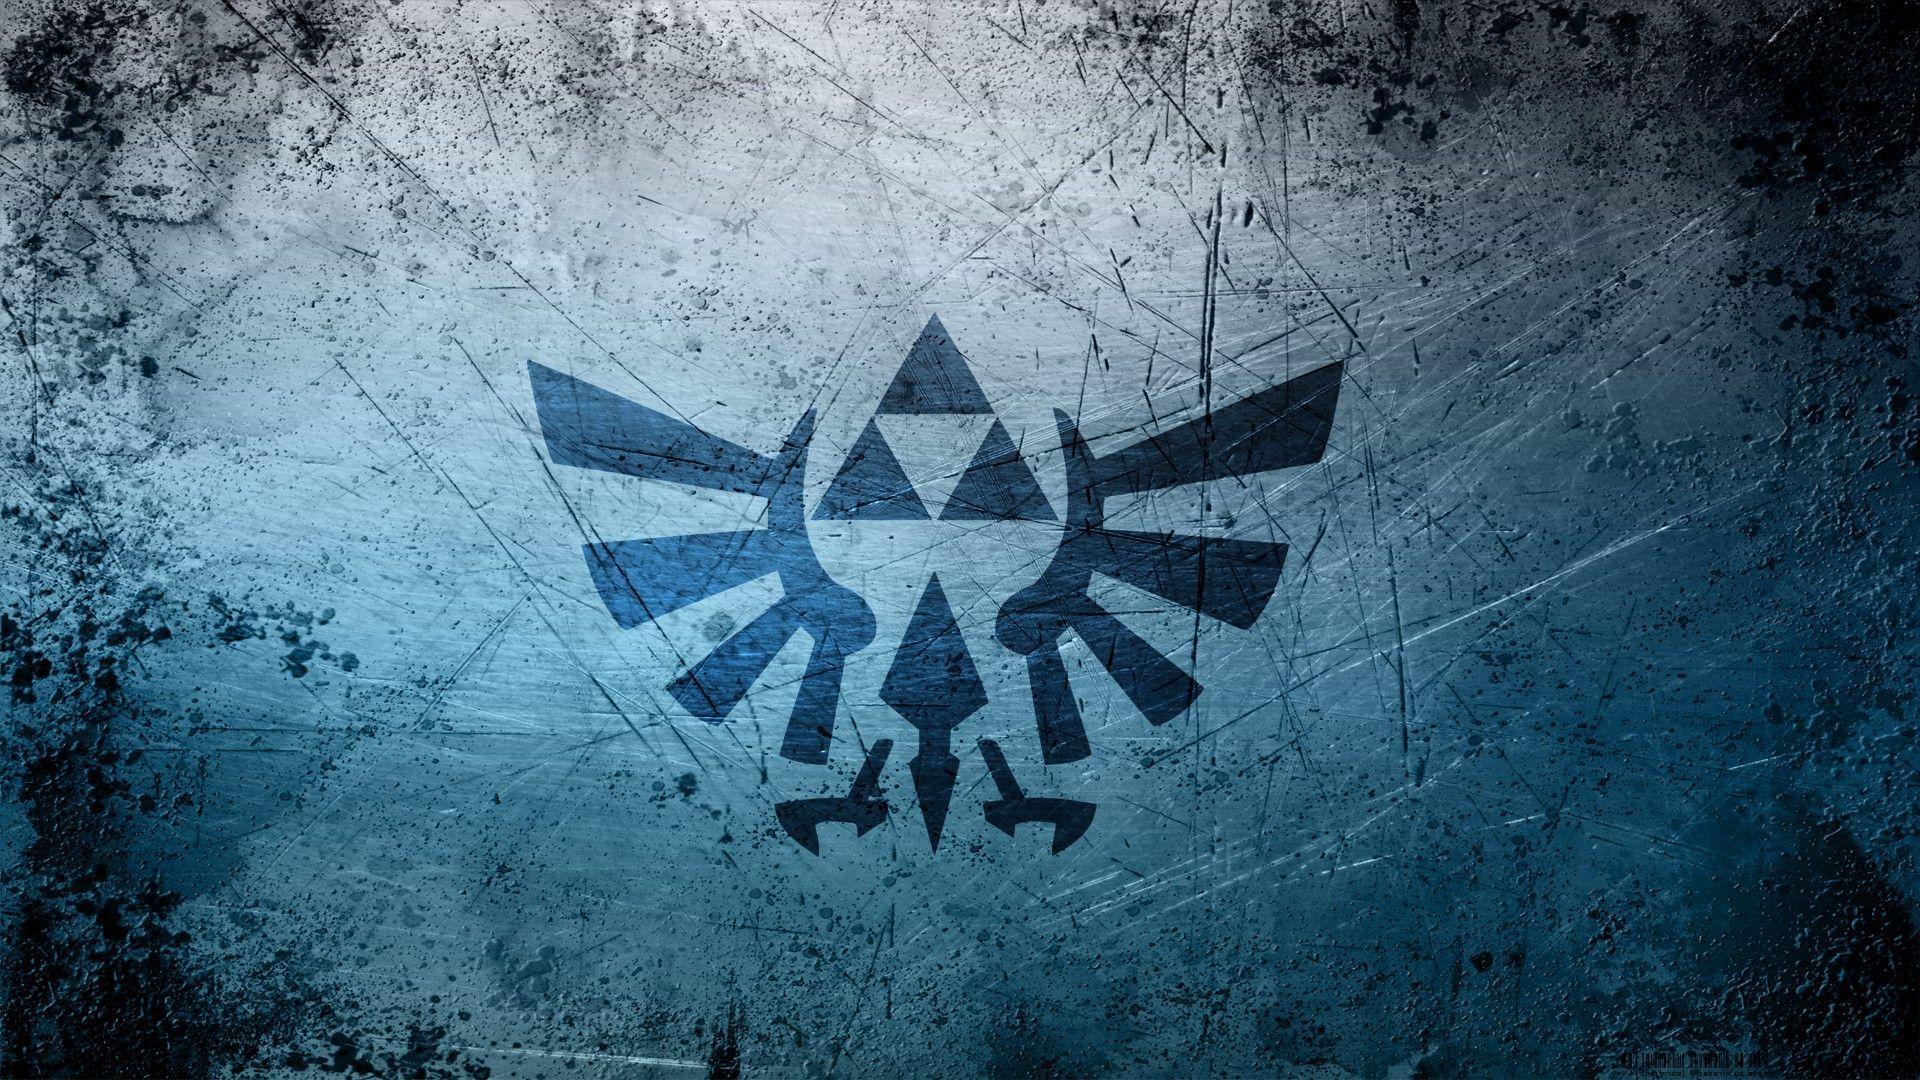 Zelda Wallpaper Dump Zelda Hd Wallpaper Wallpaper